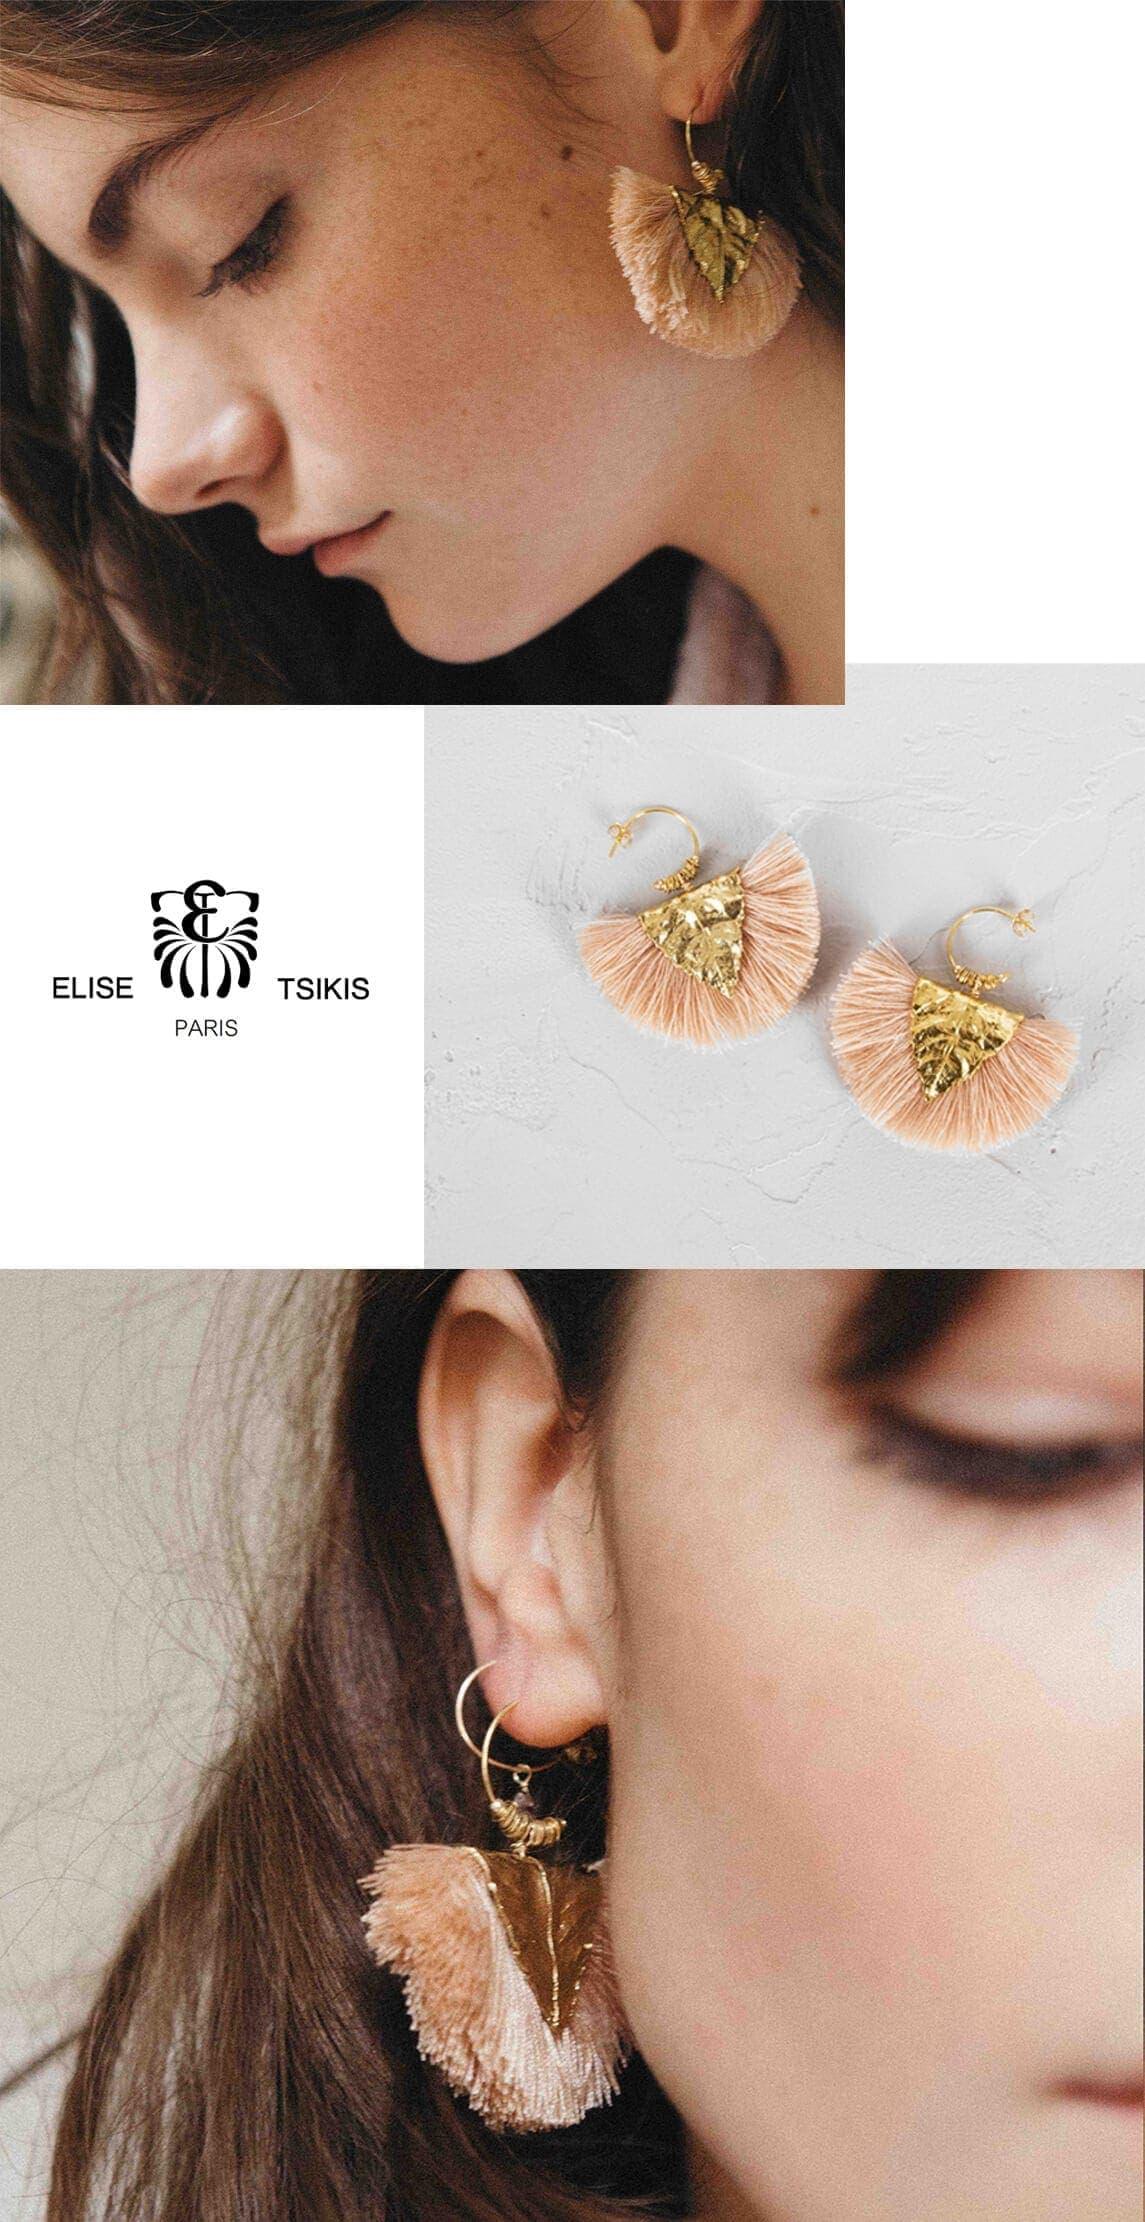 Boucles d'oreilles Agia Rose Poudré, de la créatrice Elise Tiskis chez Poisson Plume